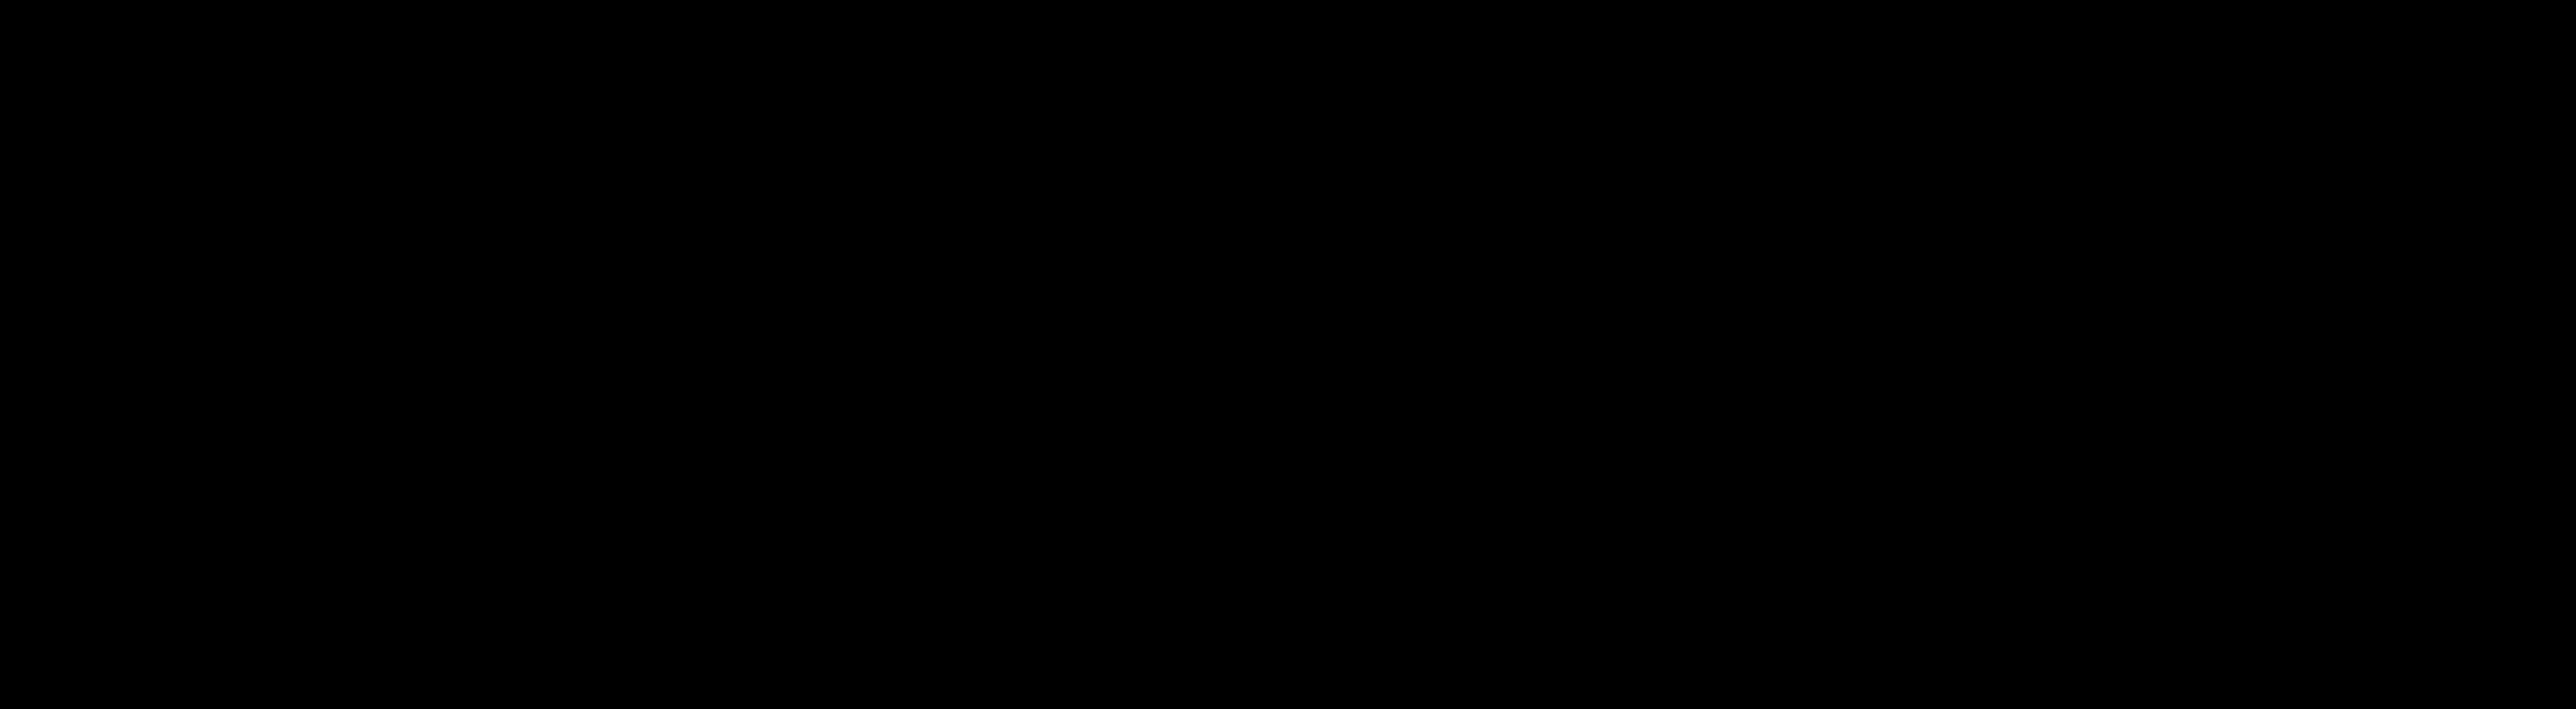 Βασιλεία Πομπιέρη